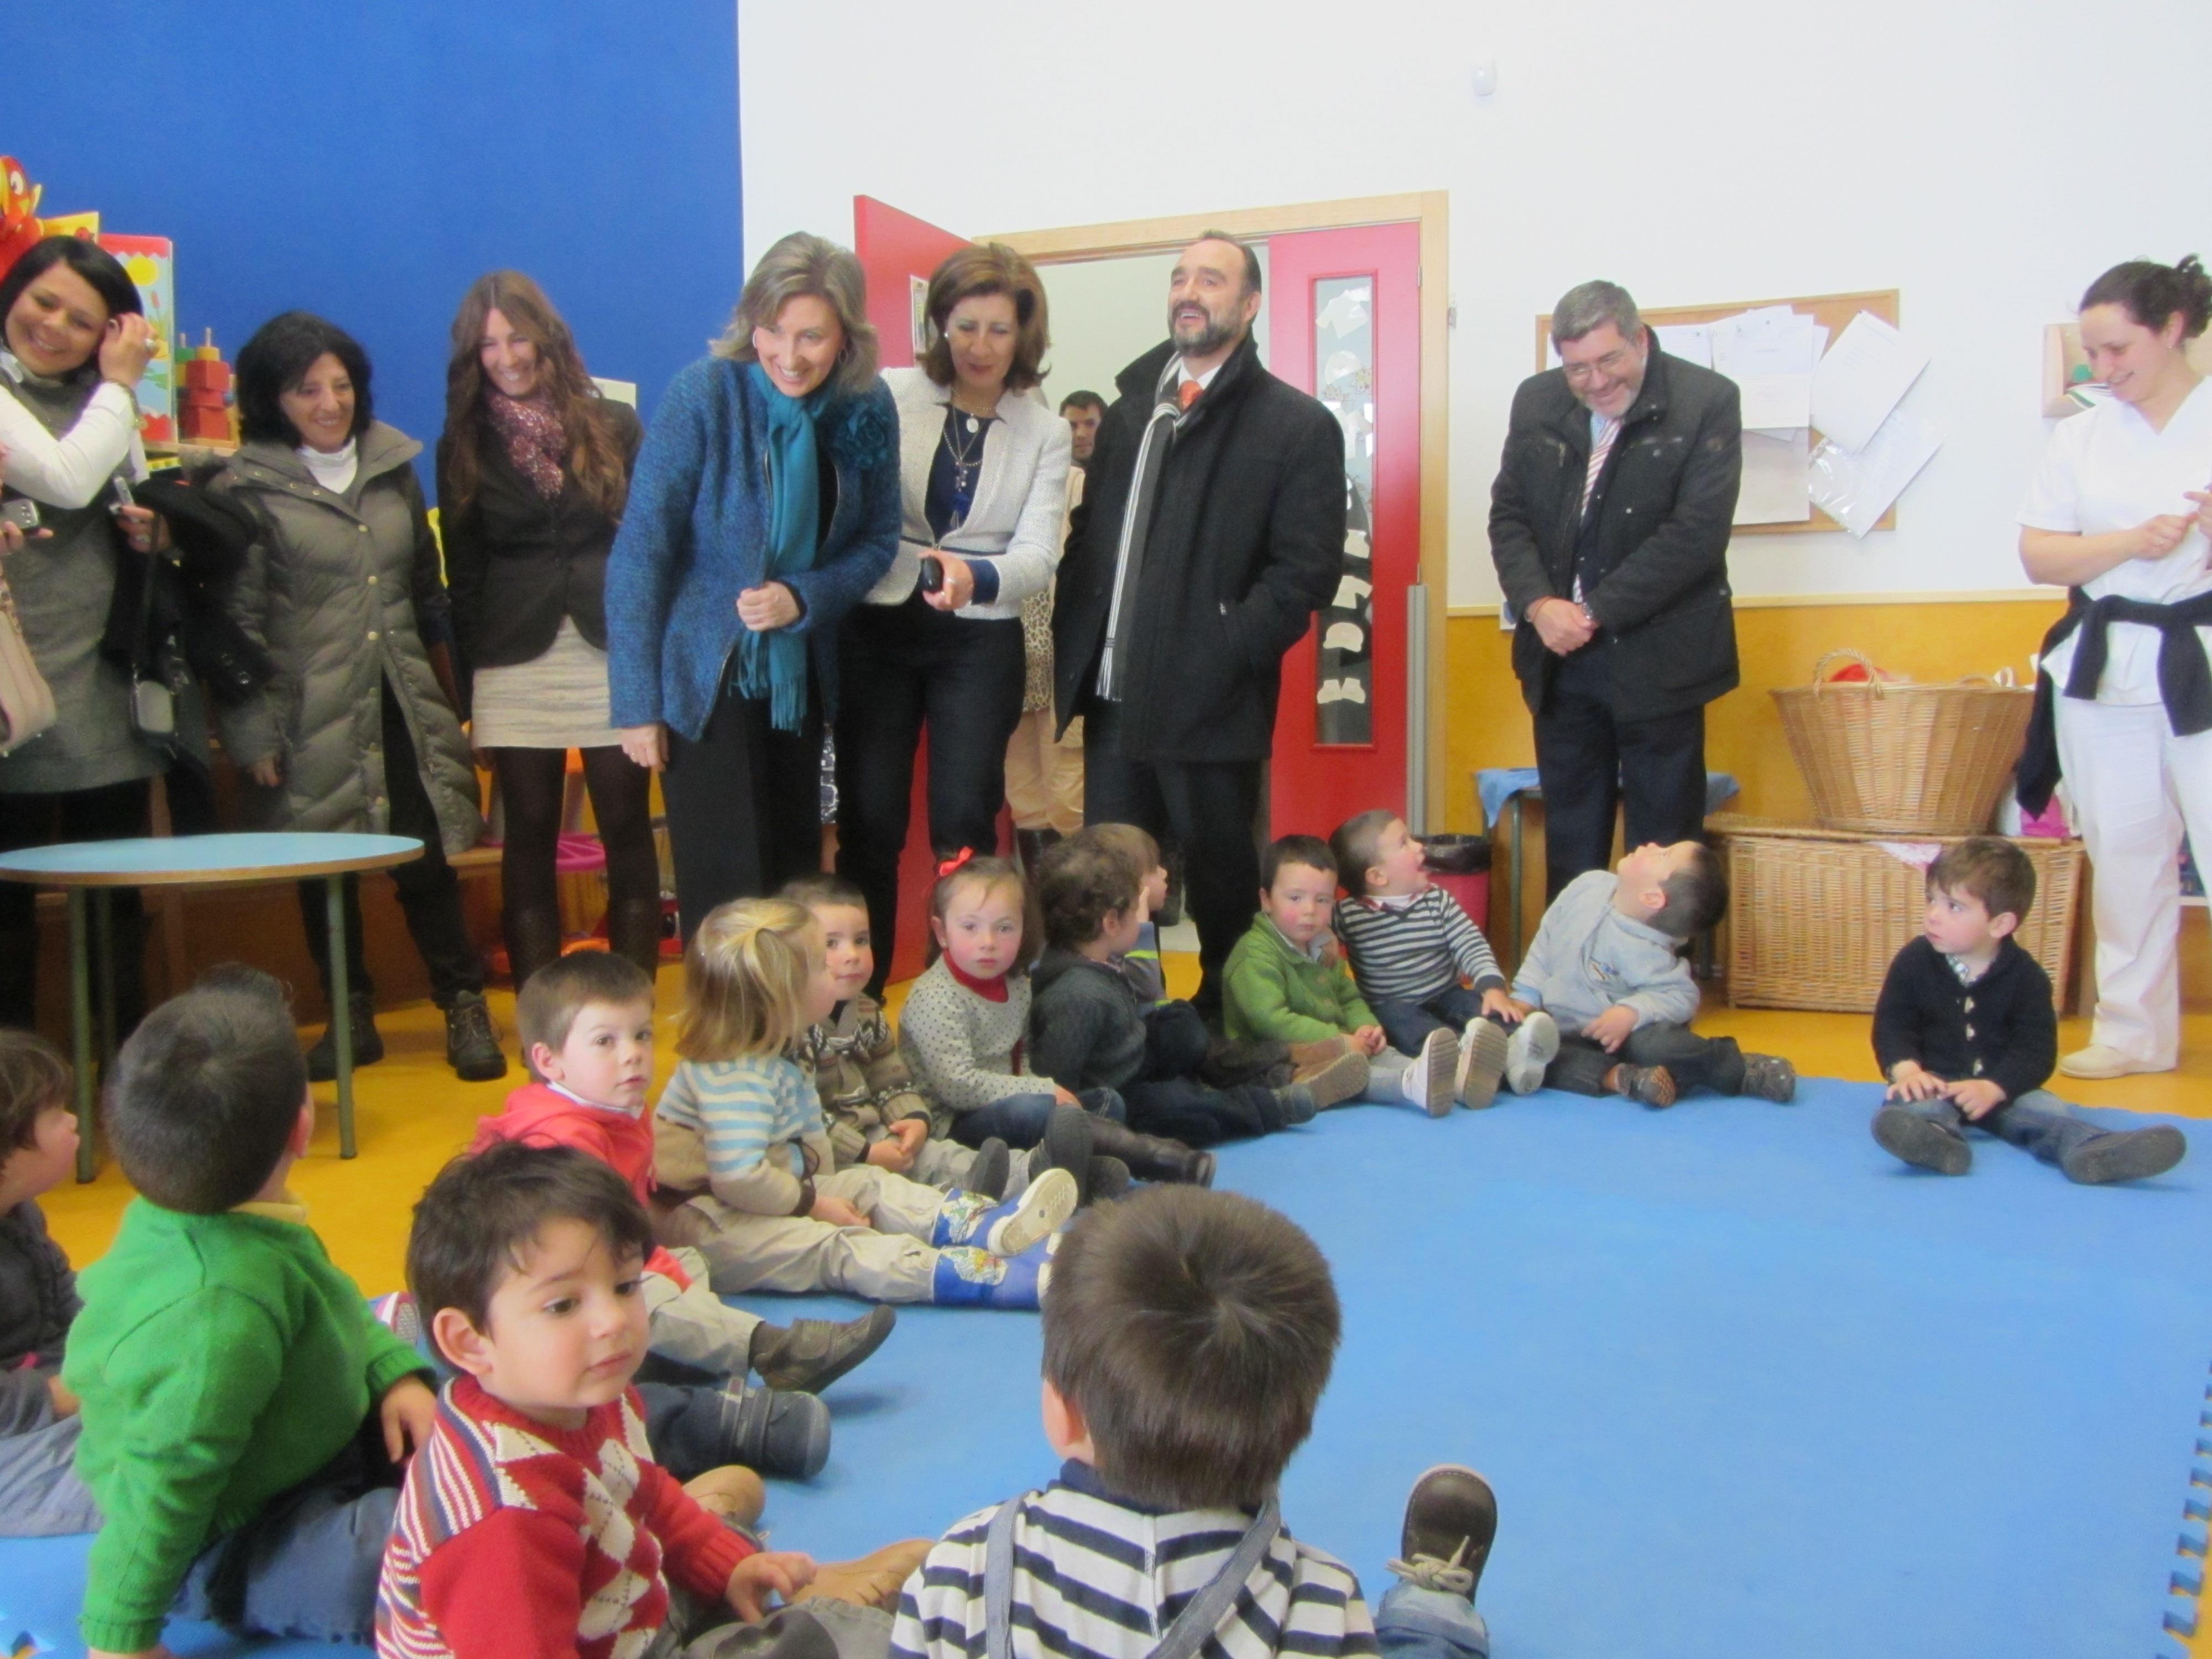 Nogales dice que los centros de 0 a 3 años han superado la «concepción asistencial para centrarse en su cariz educativo»